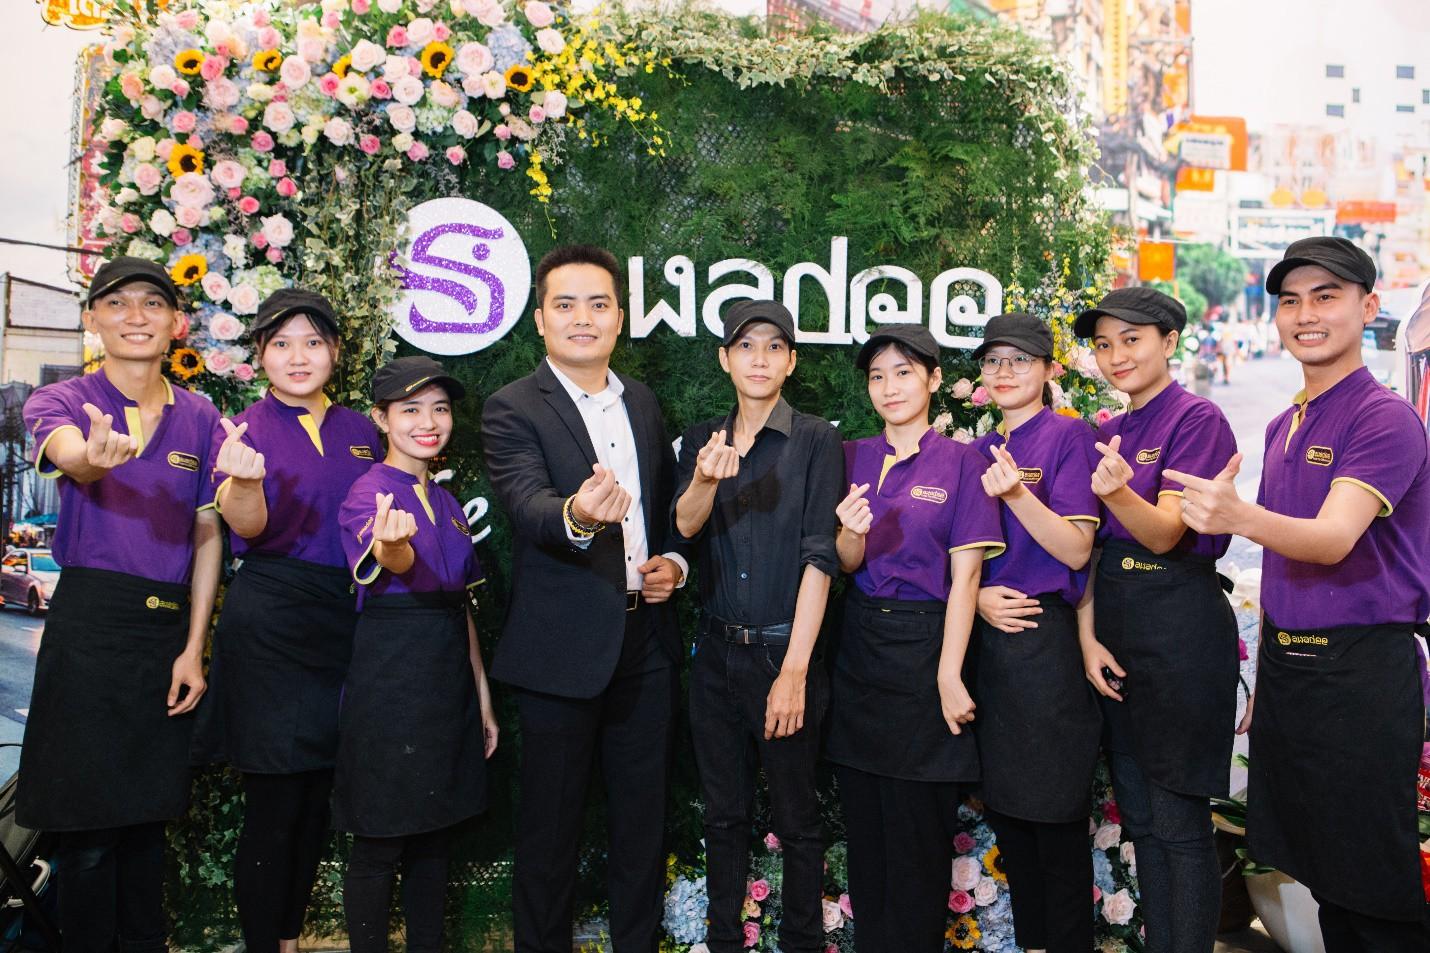 Trà sữa chuẩn vị Thái Lan lần đầu chào sân Sài thành - Ảnh 2.